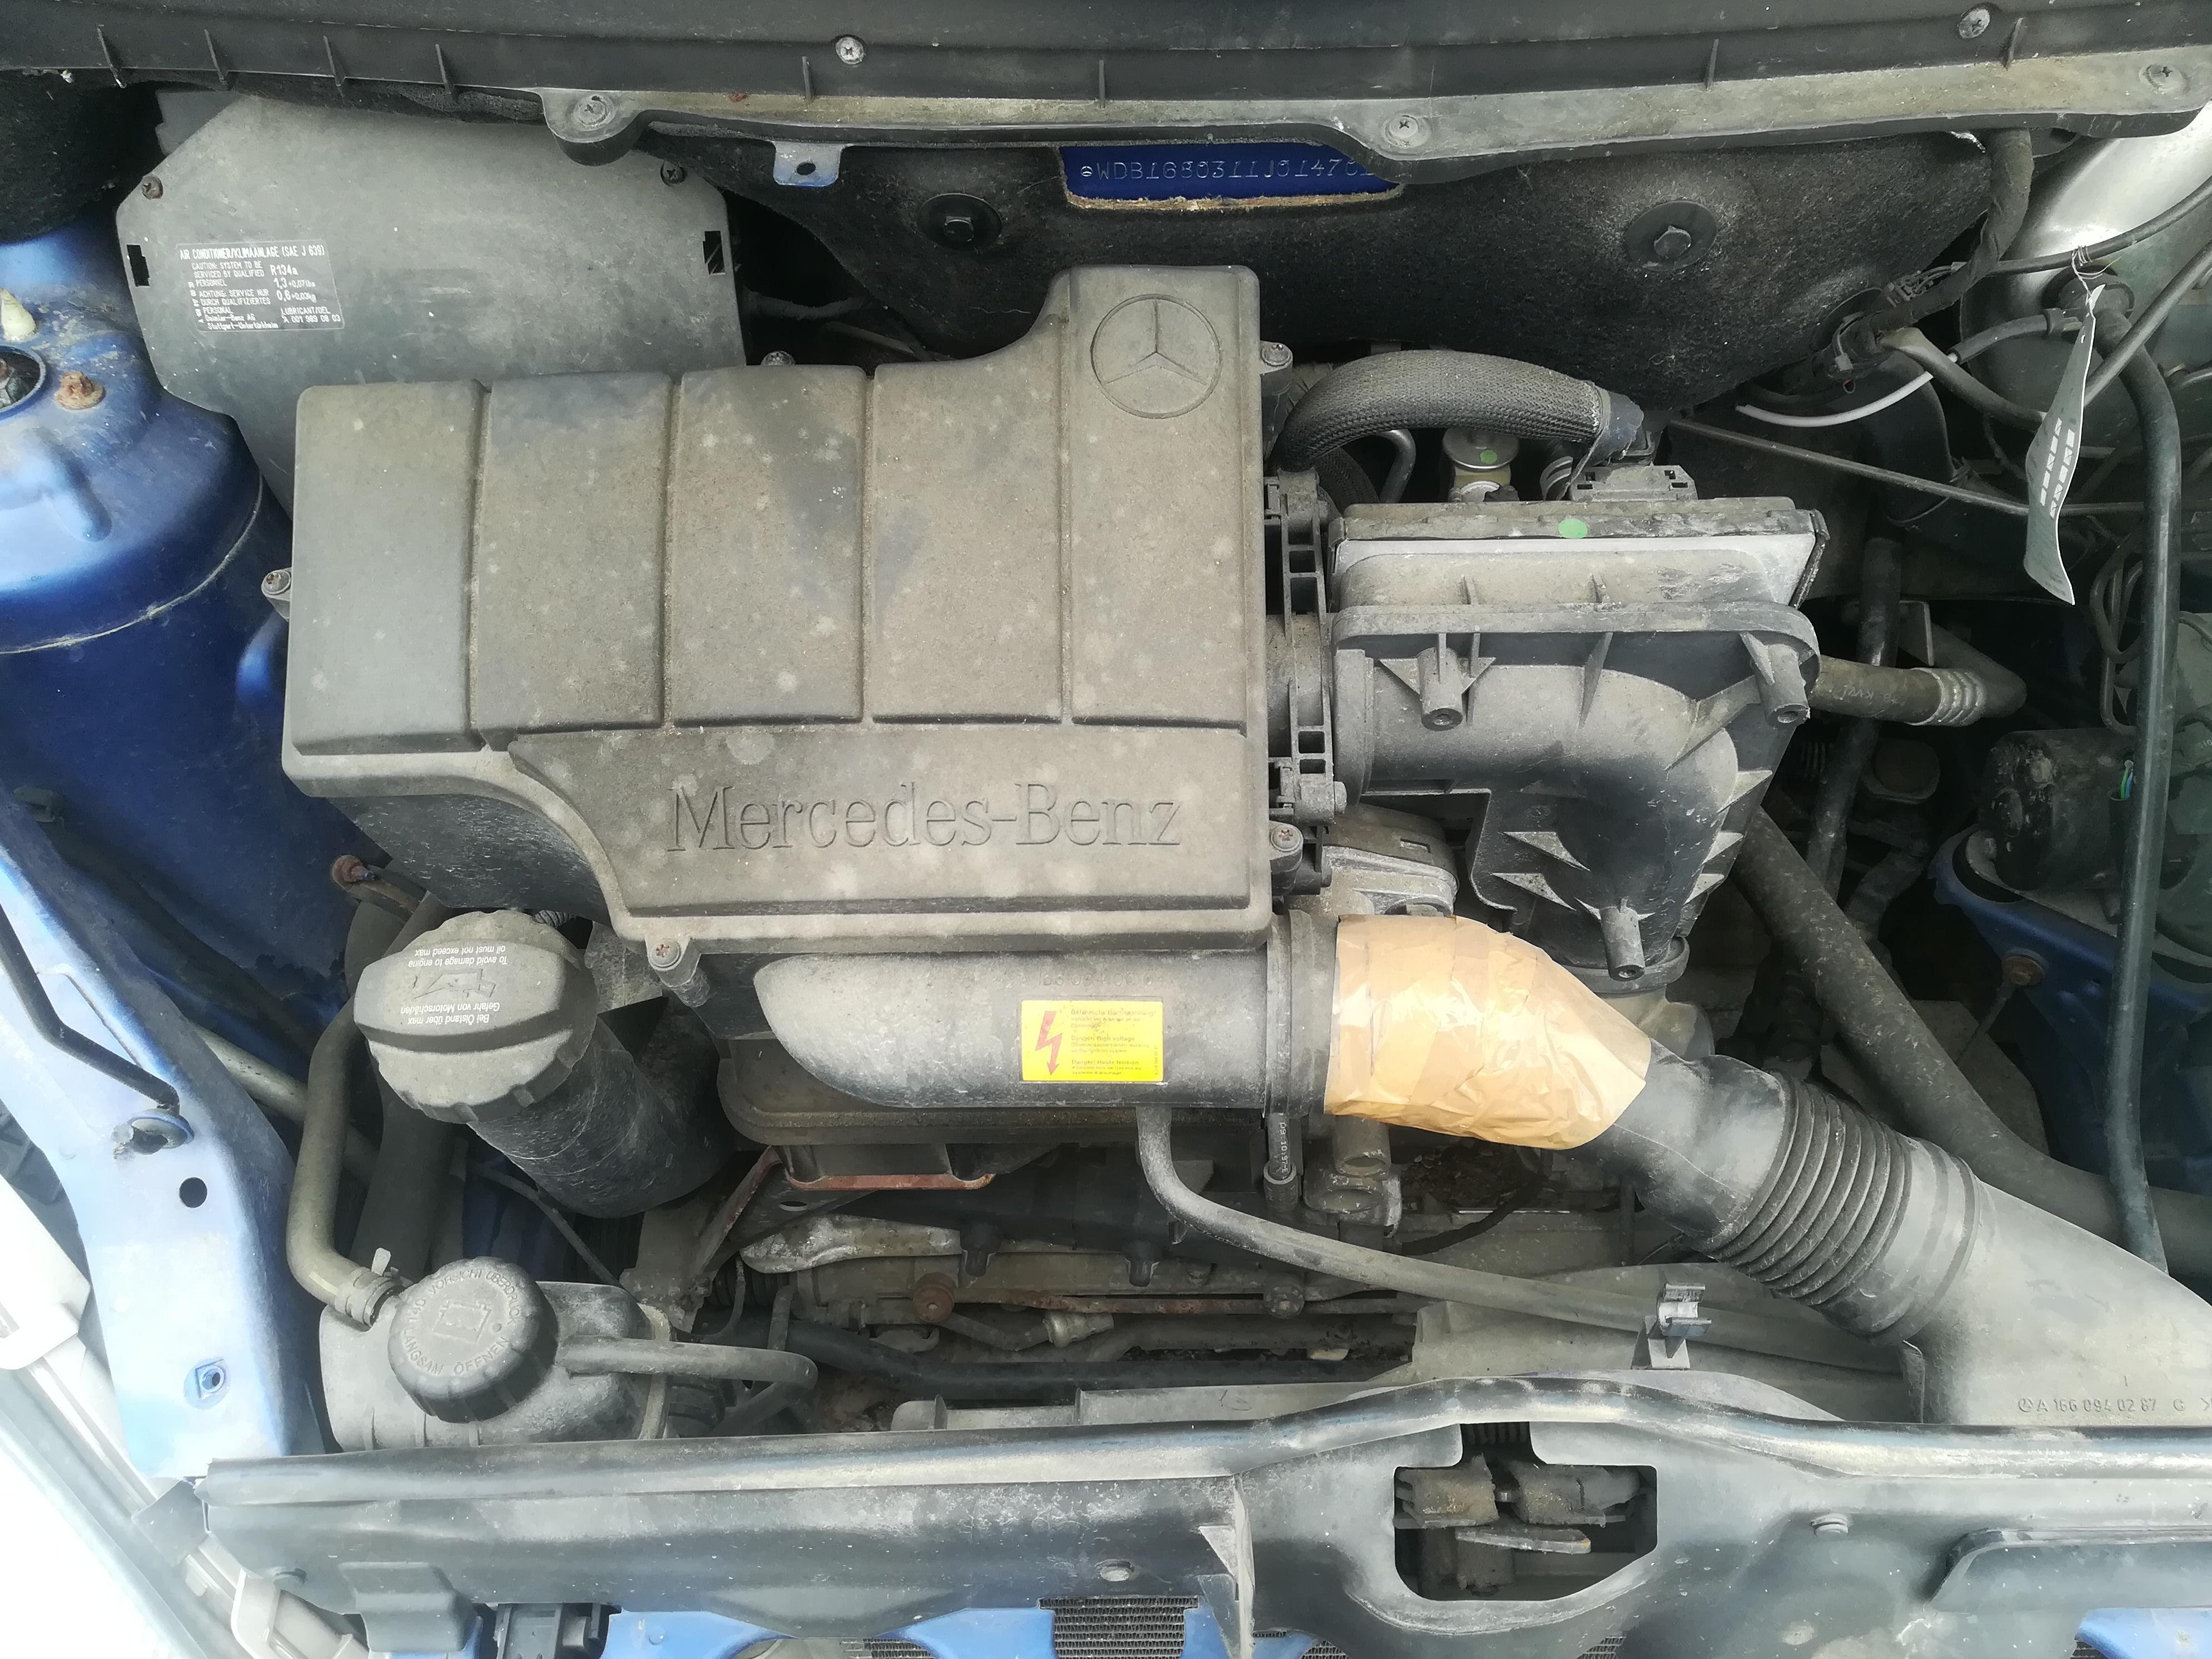 Подержанные Автозапчасти Foto 2 Mercedes-Benz A-CLASS 1998 1.4 машиностроение хэтчбэк 4/5 d. синий 2019-4-11 A4416